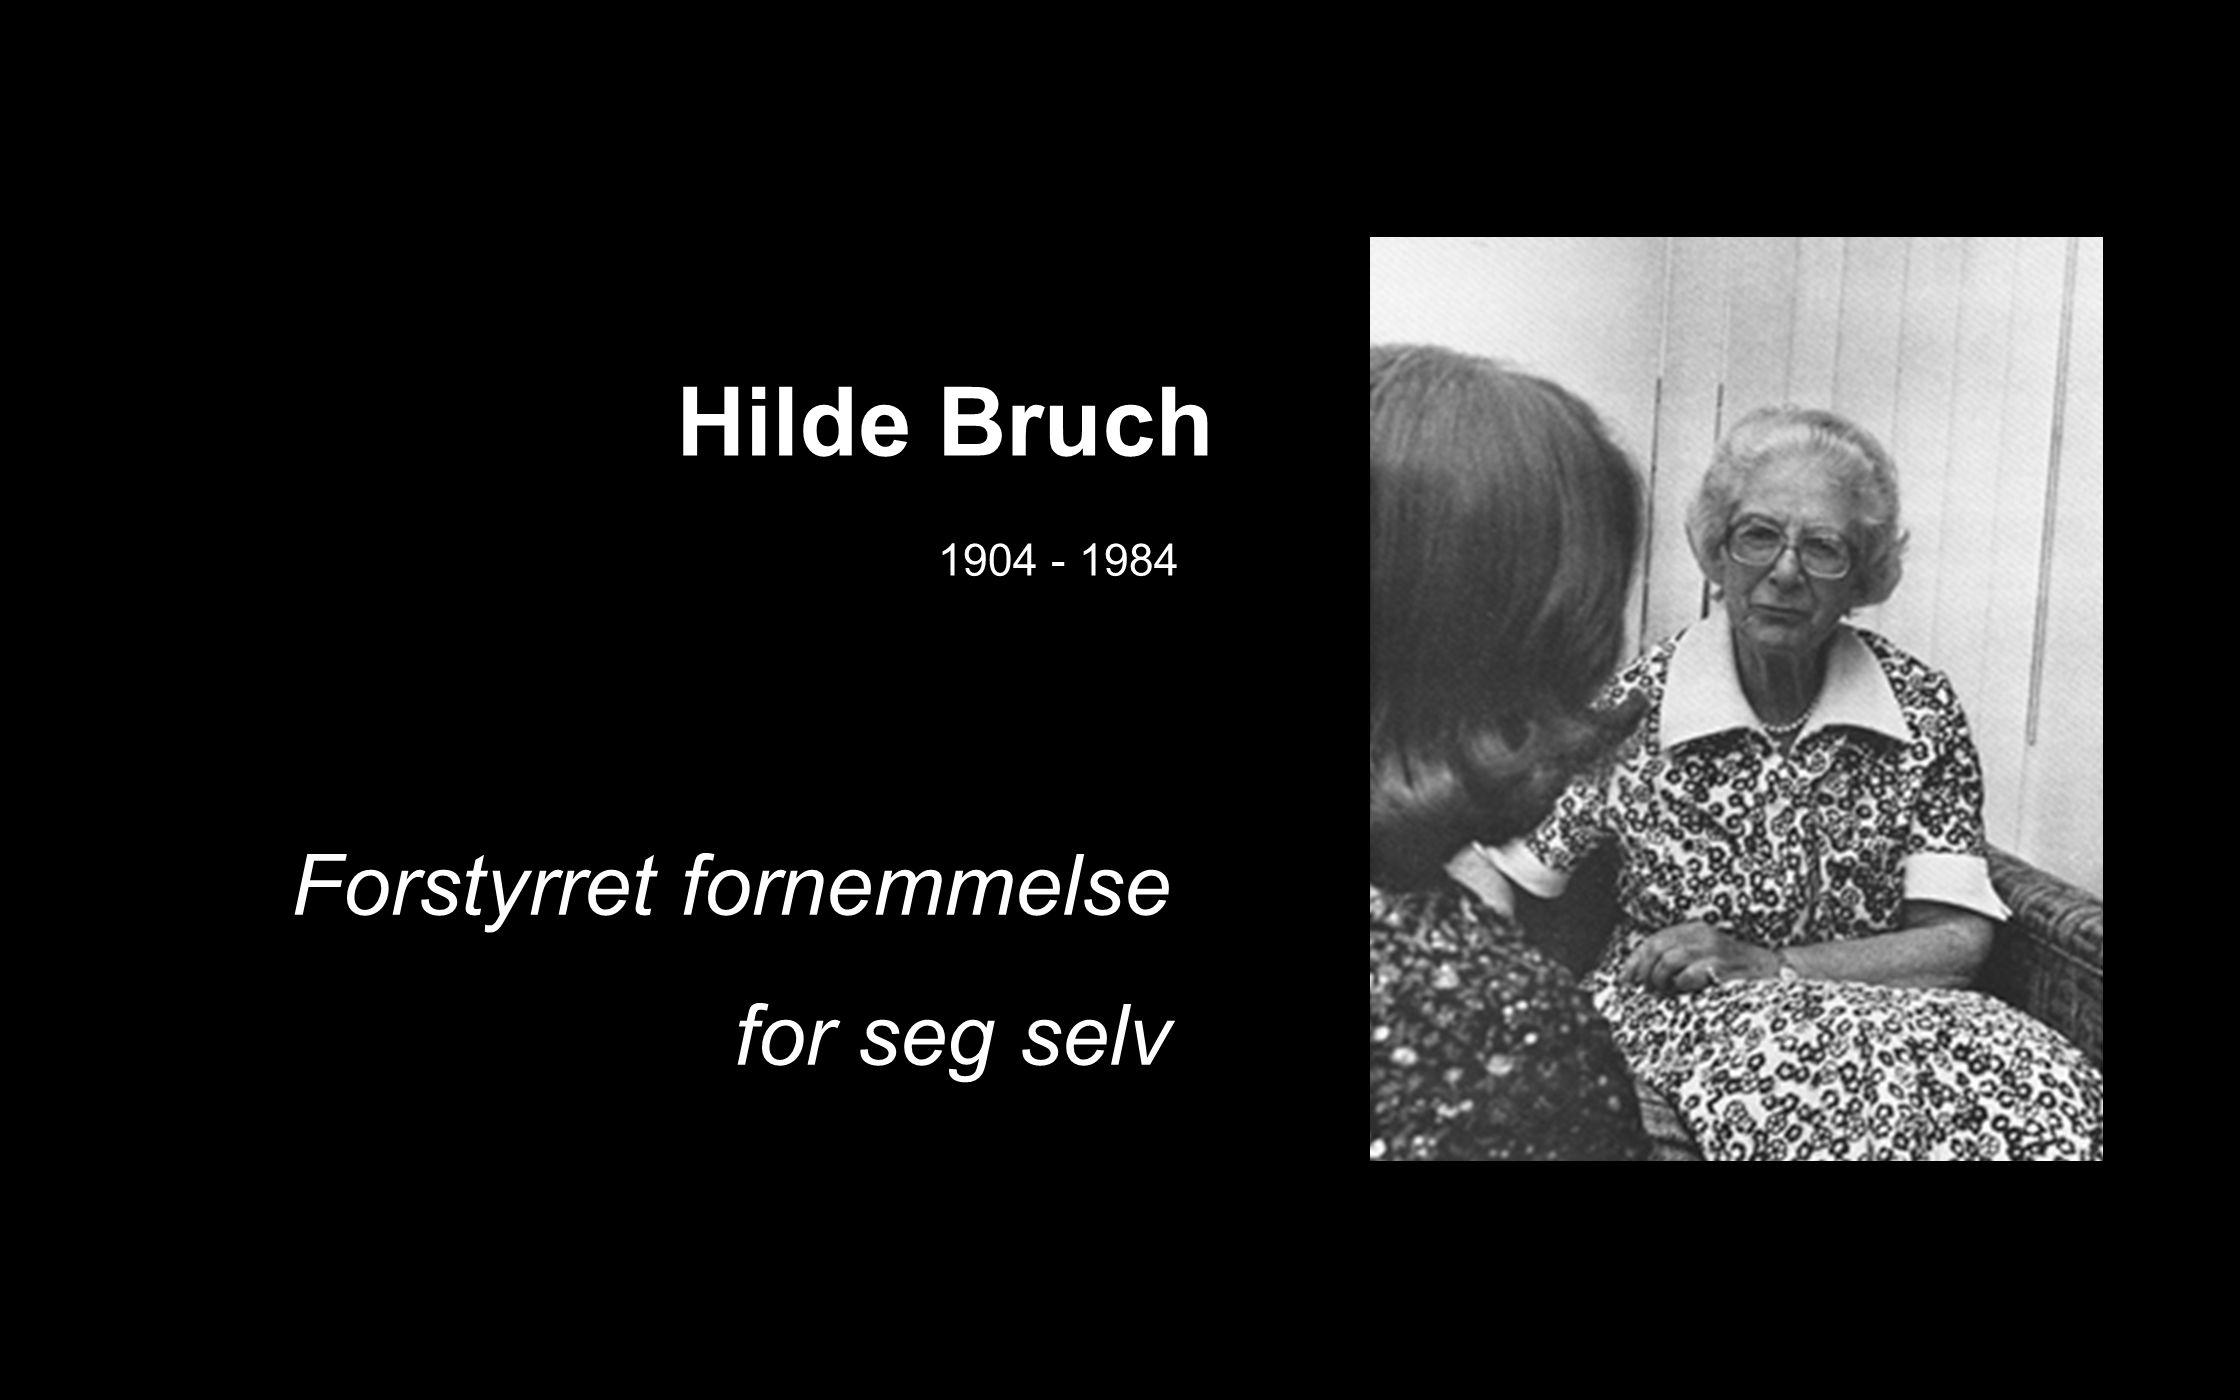 Hilde Bruch Forstyrret fornemmelse for seg selv 1904 - 1984